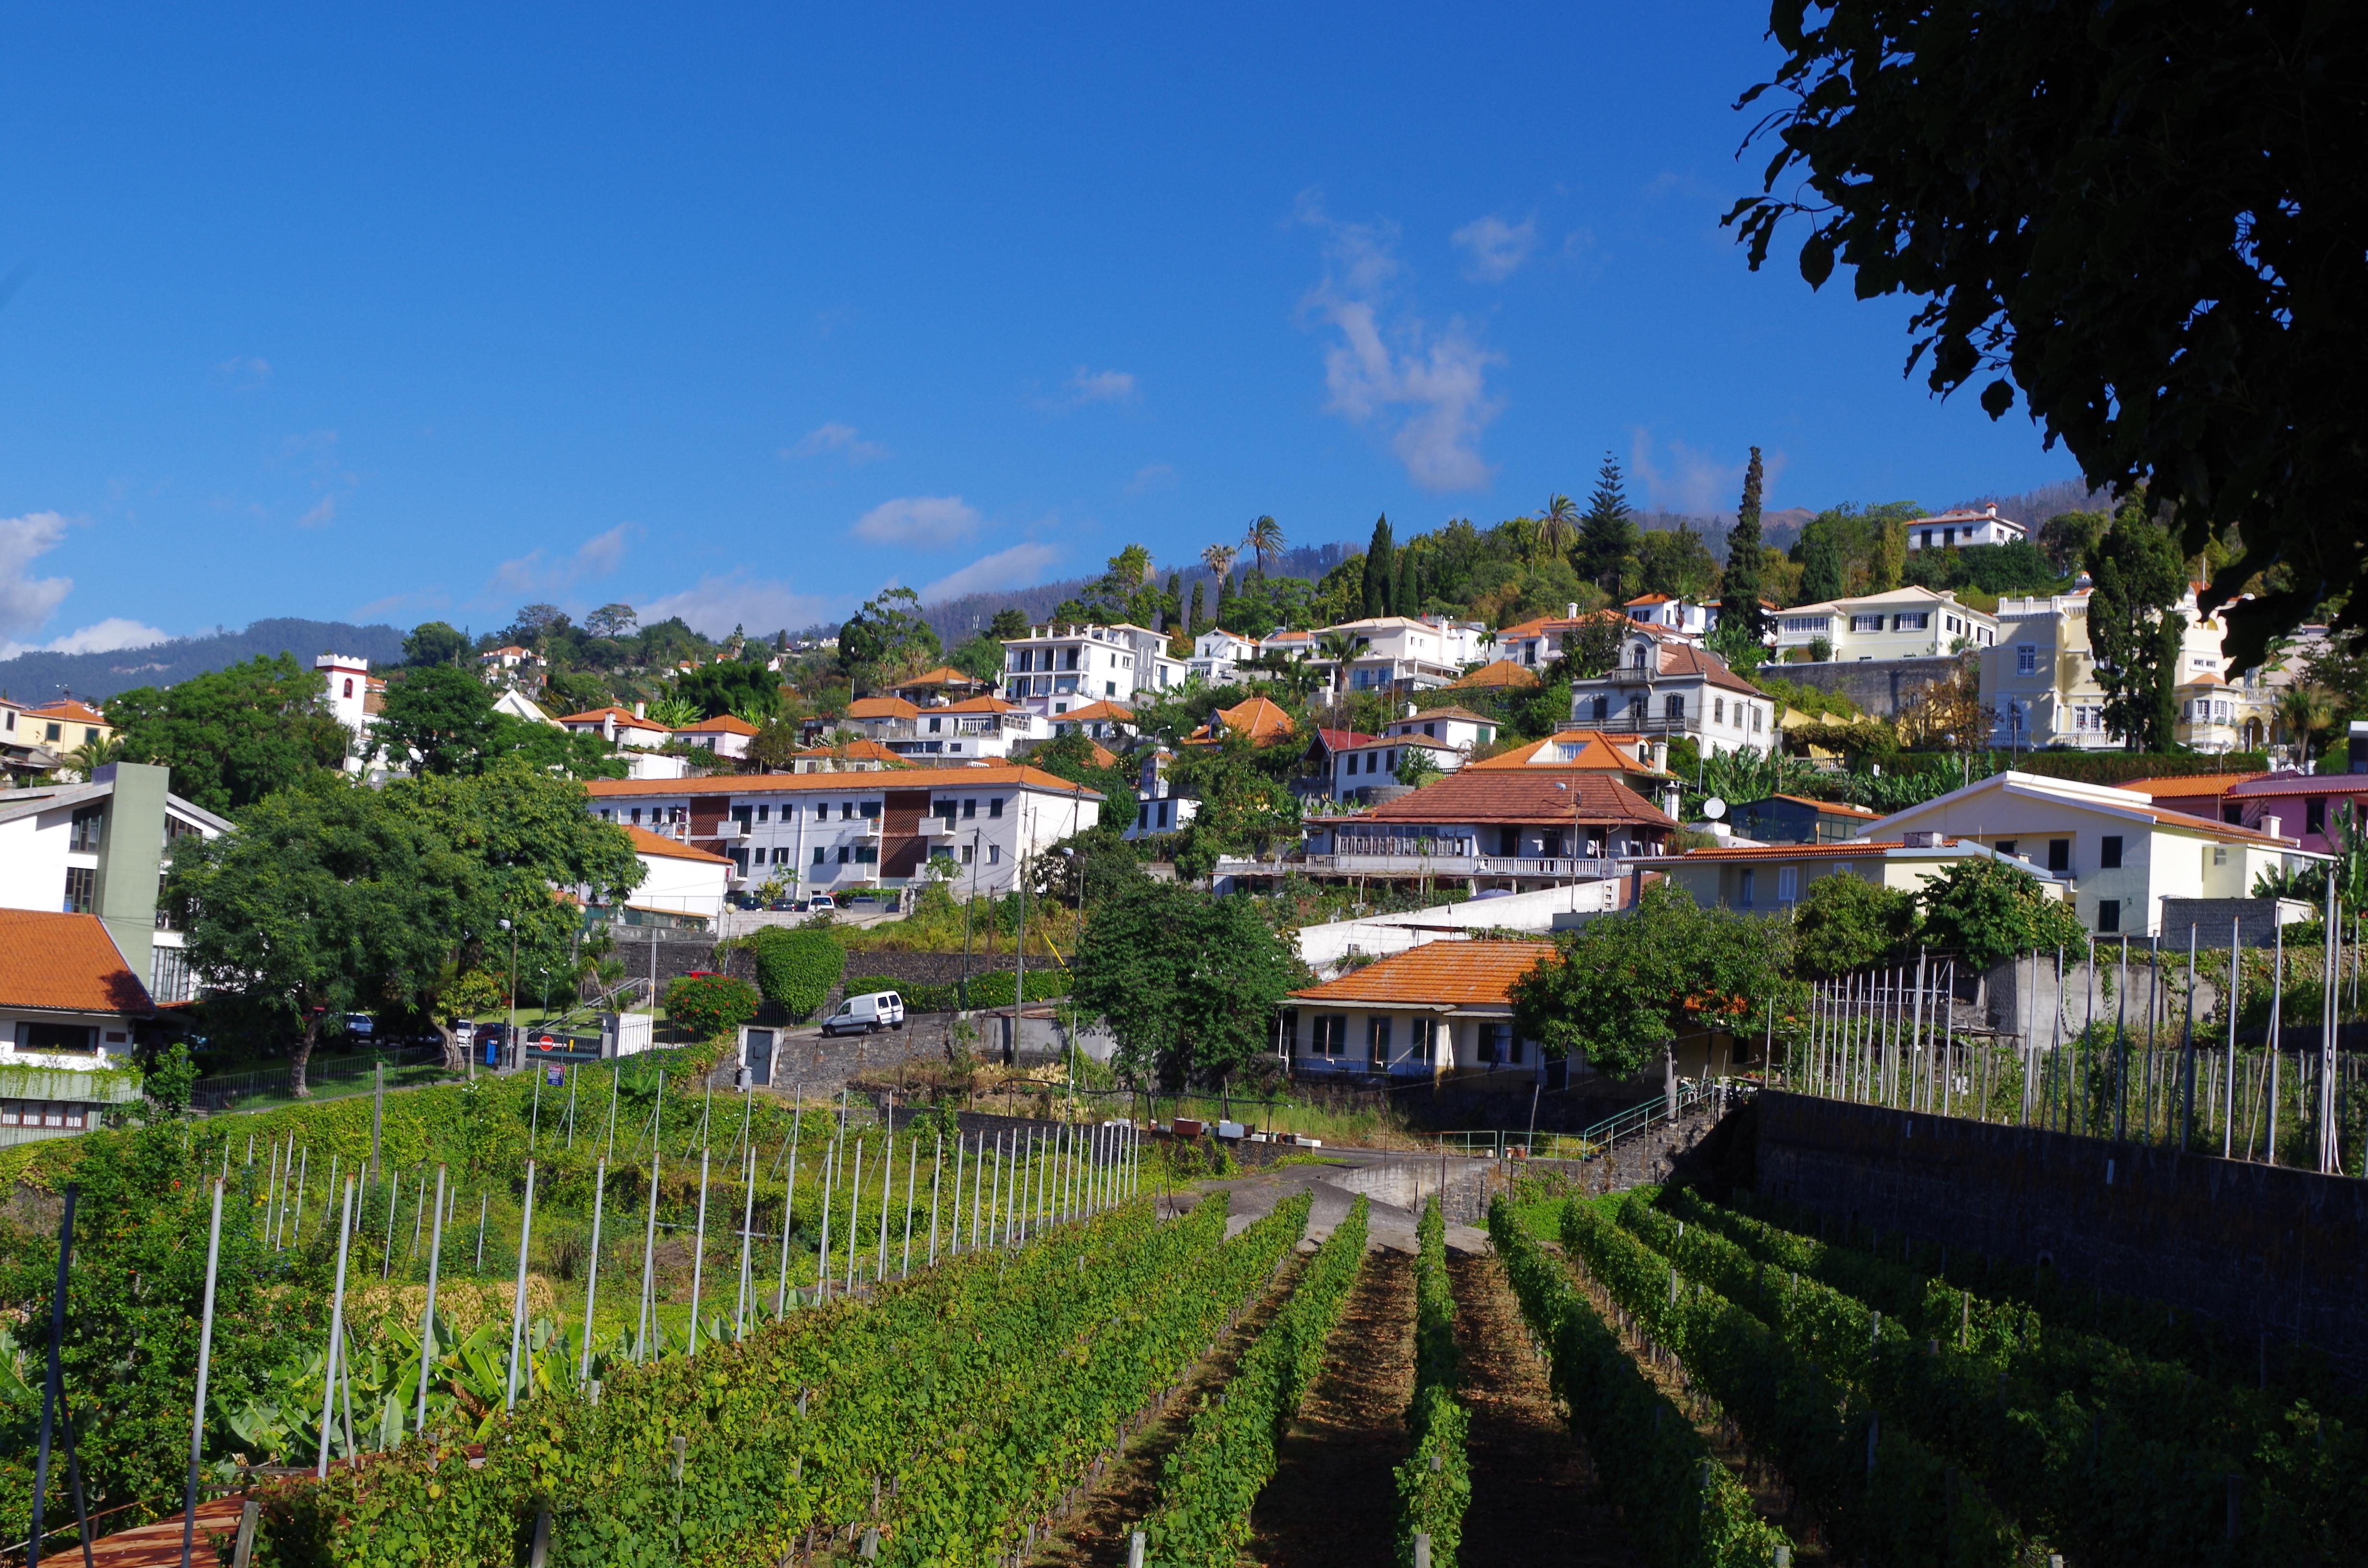 Vineyard in Funchal